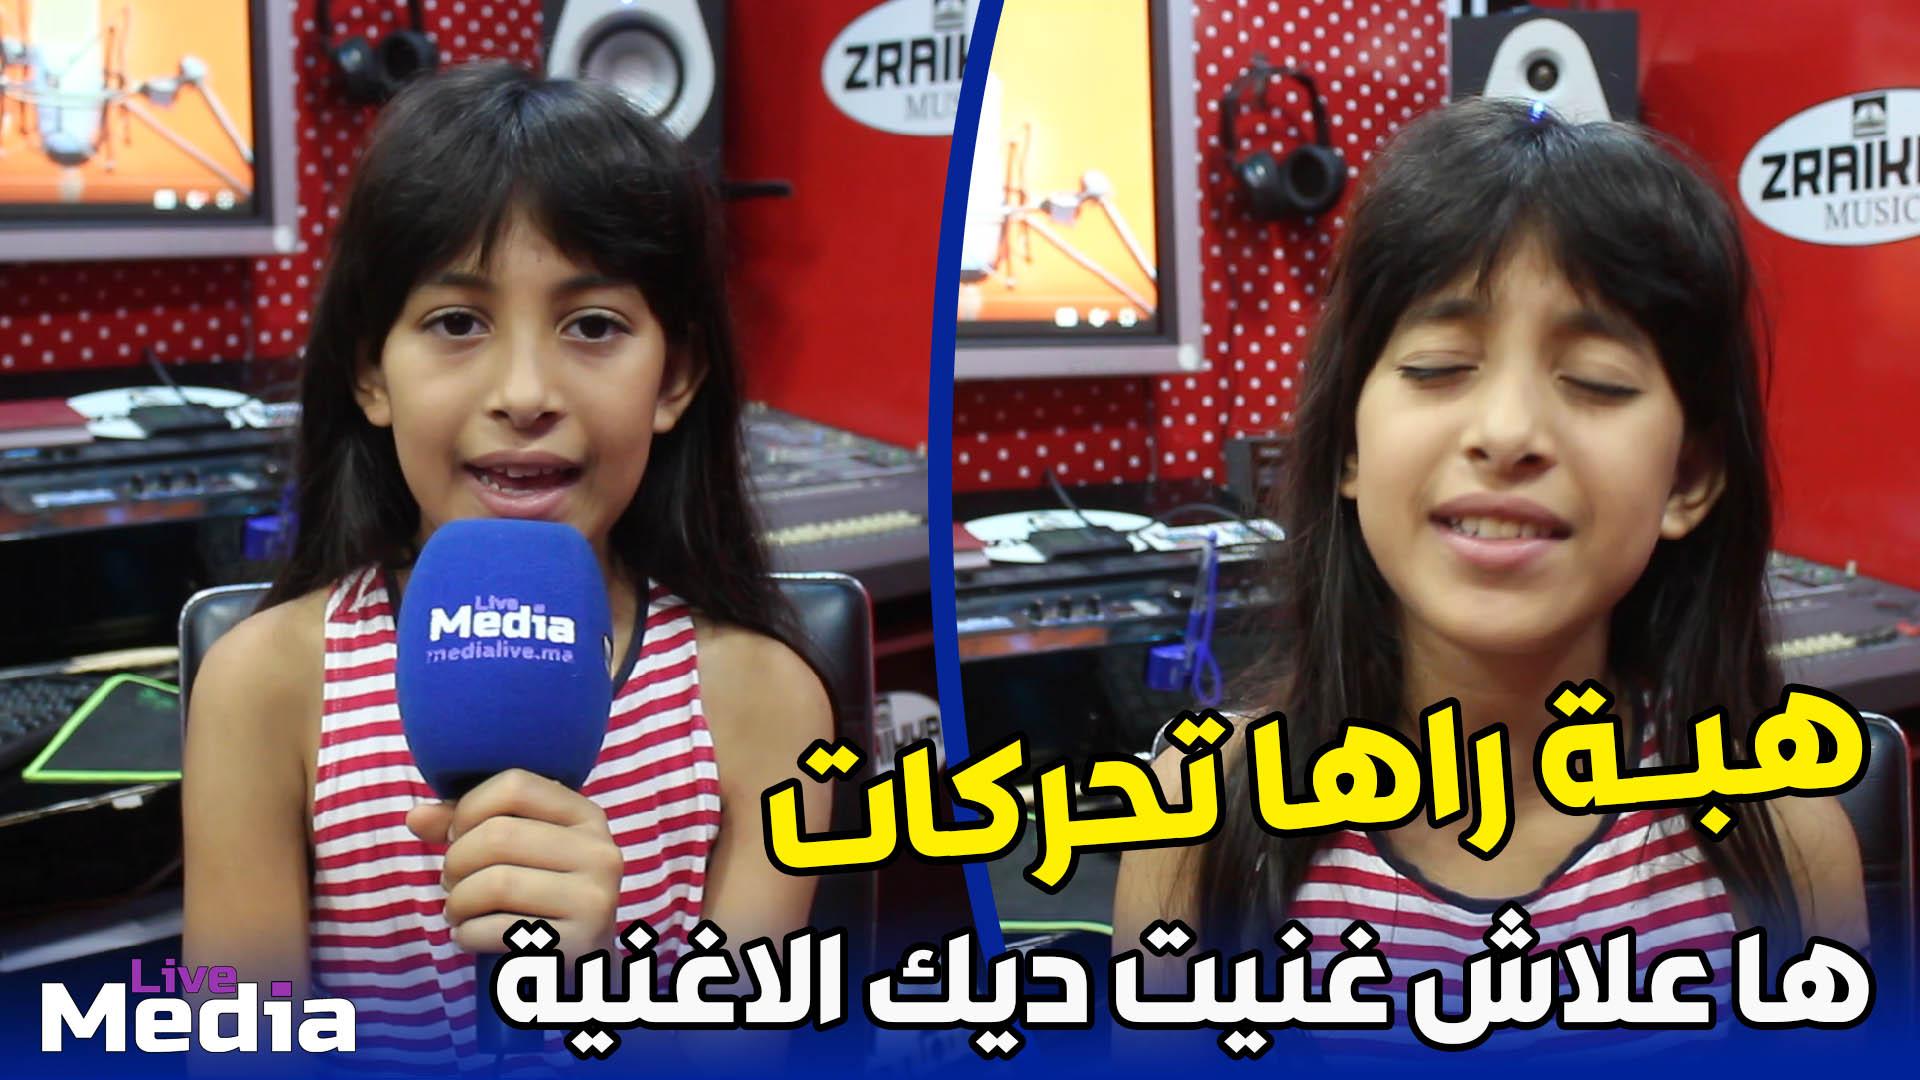 أغنية هبة راها تحرݣات ..  ها علاش غنيت ديك الاغنية .. غنيتها باحساس او كنتمناها تكون من طيور الجنة